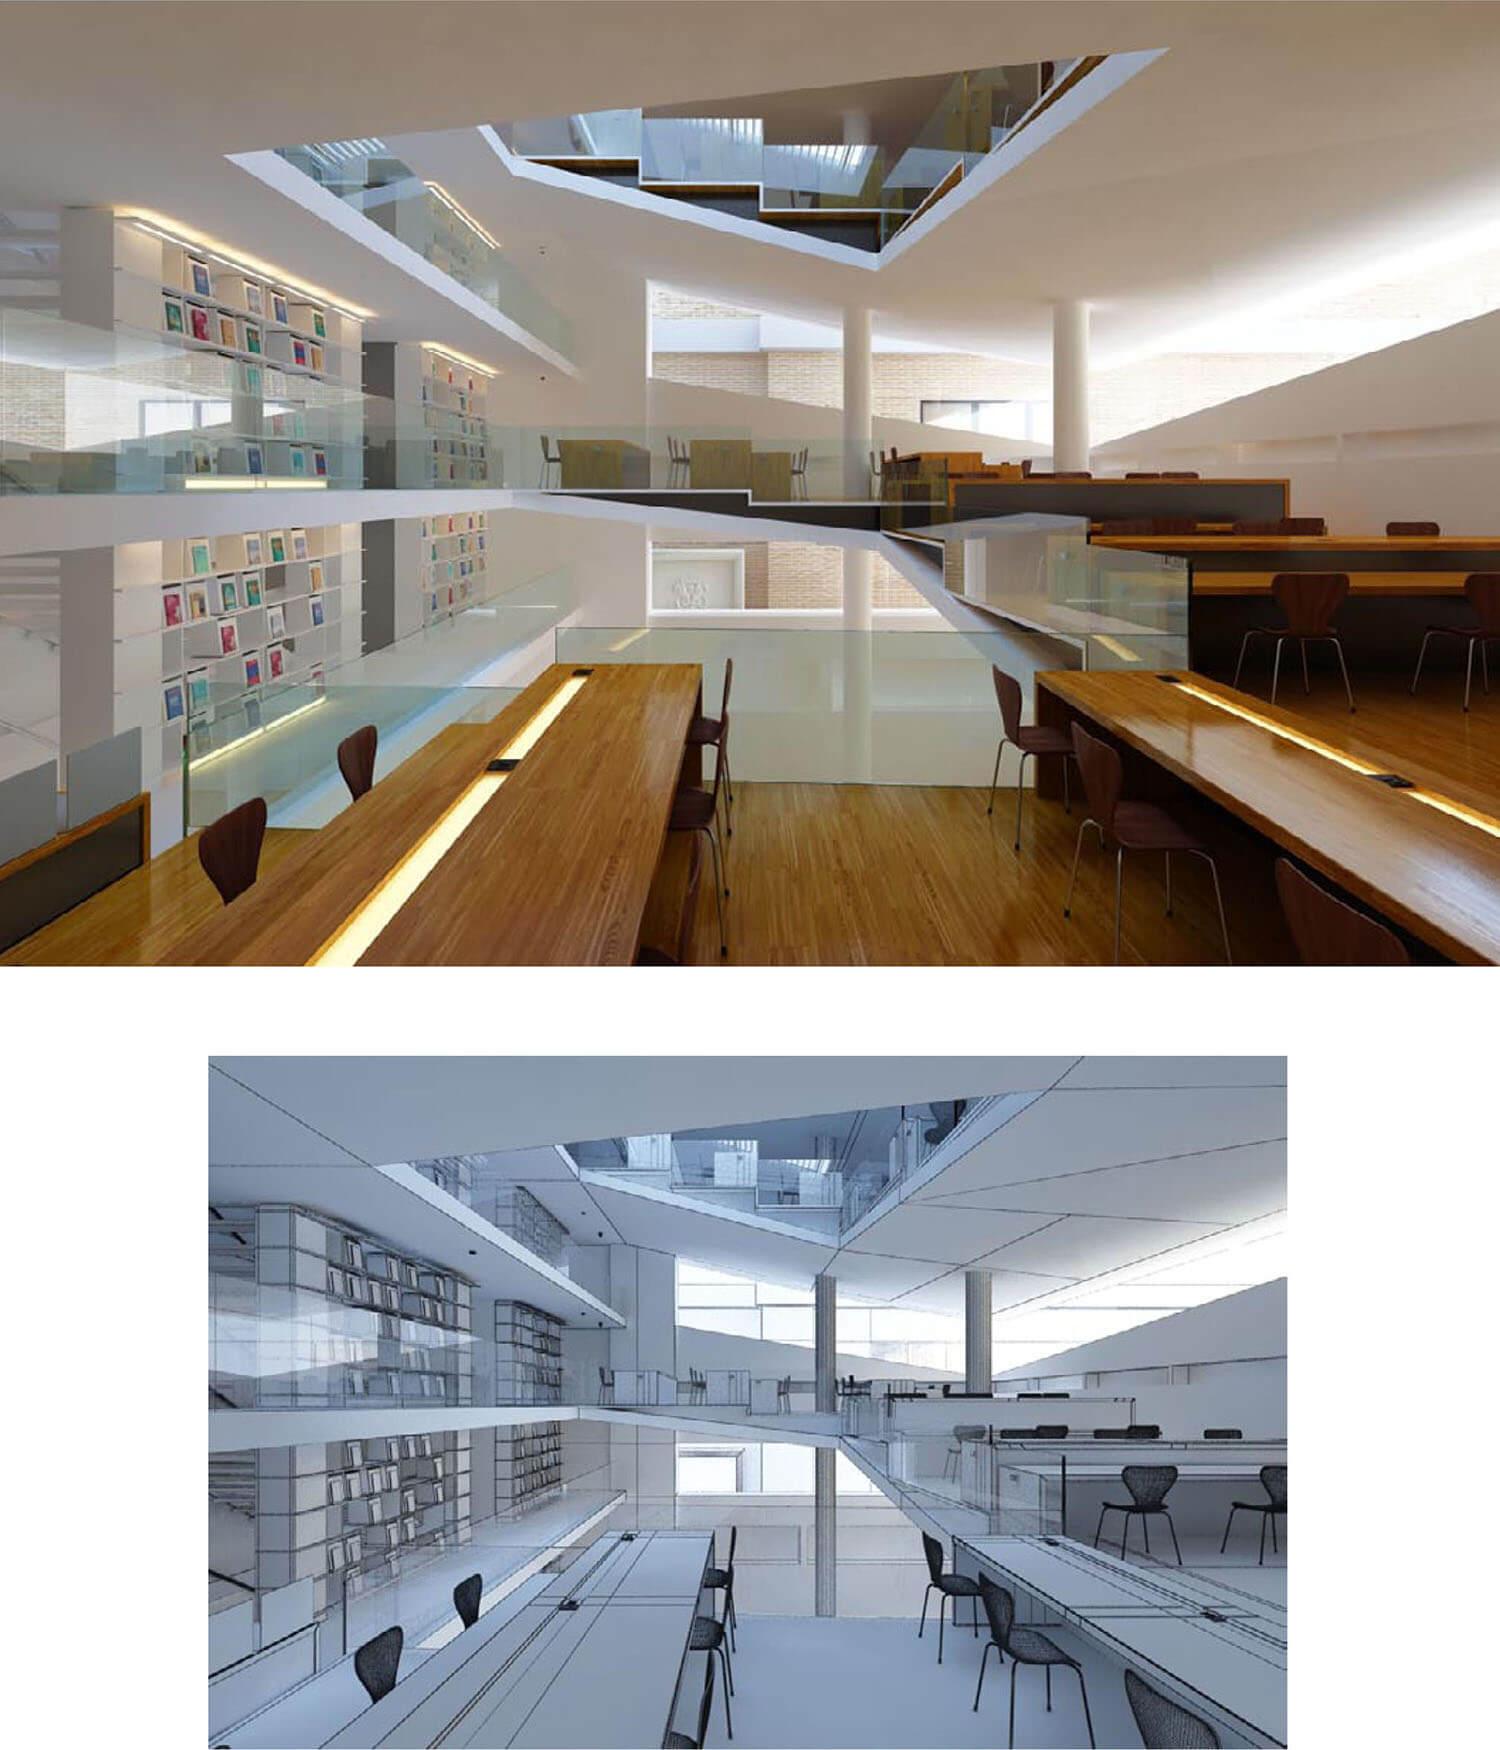 Thiết kế nhà hàng kiểu tầng xoắn ốc đem lại góc nhìn và giếng trời